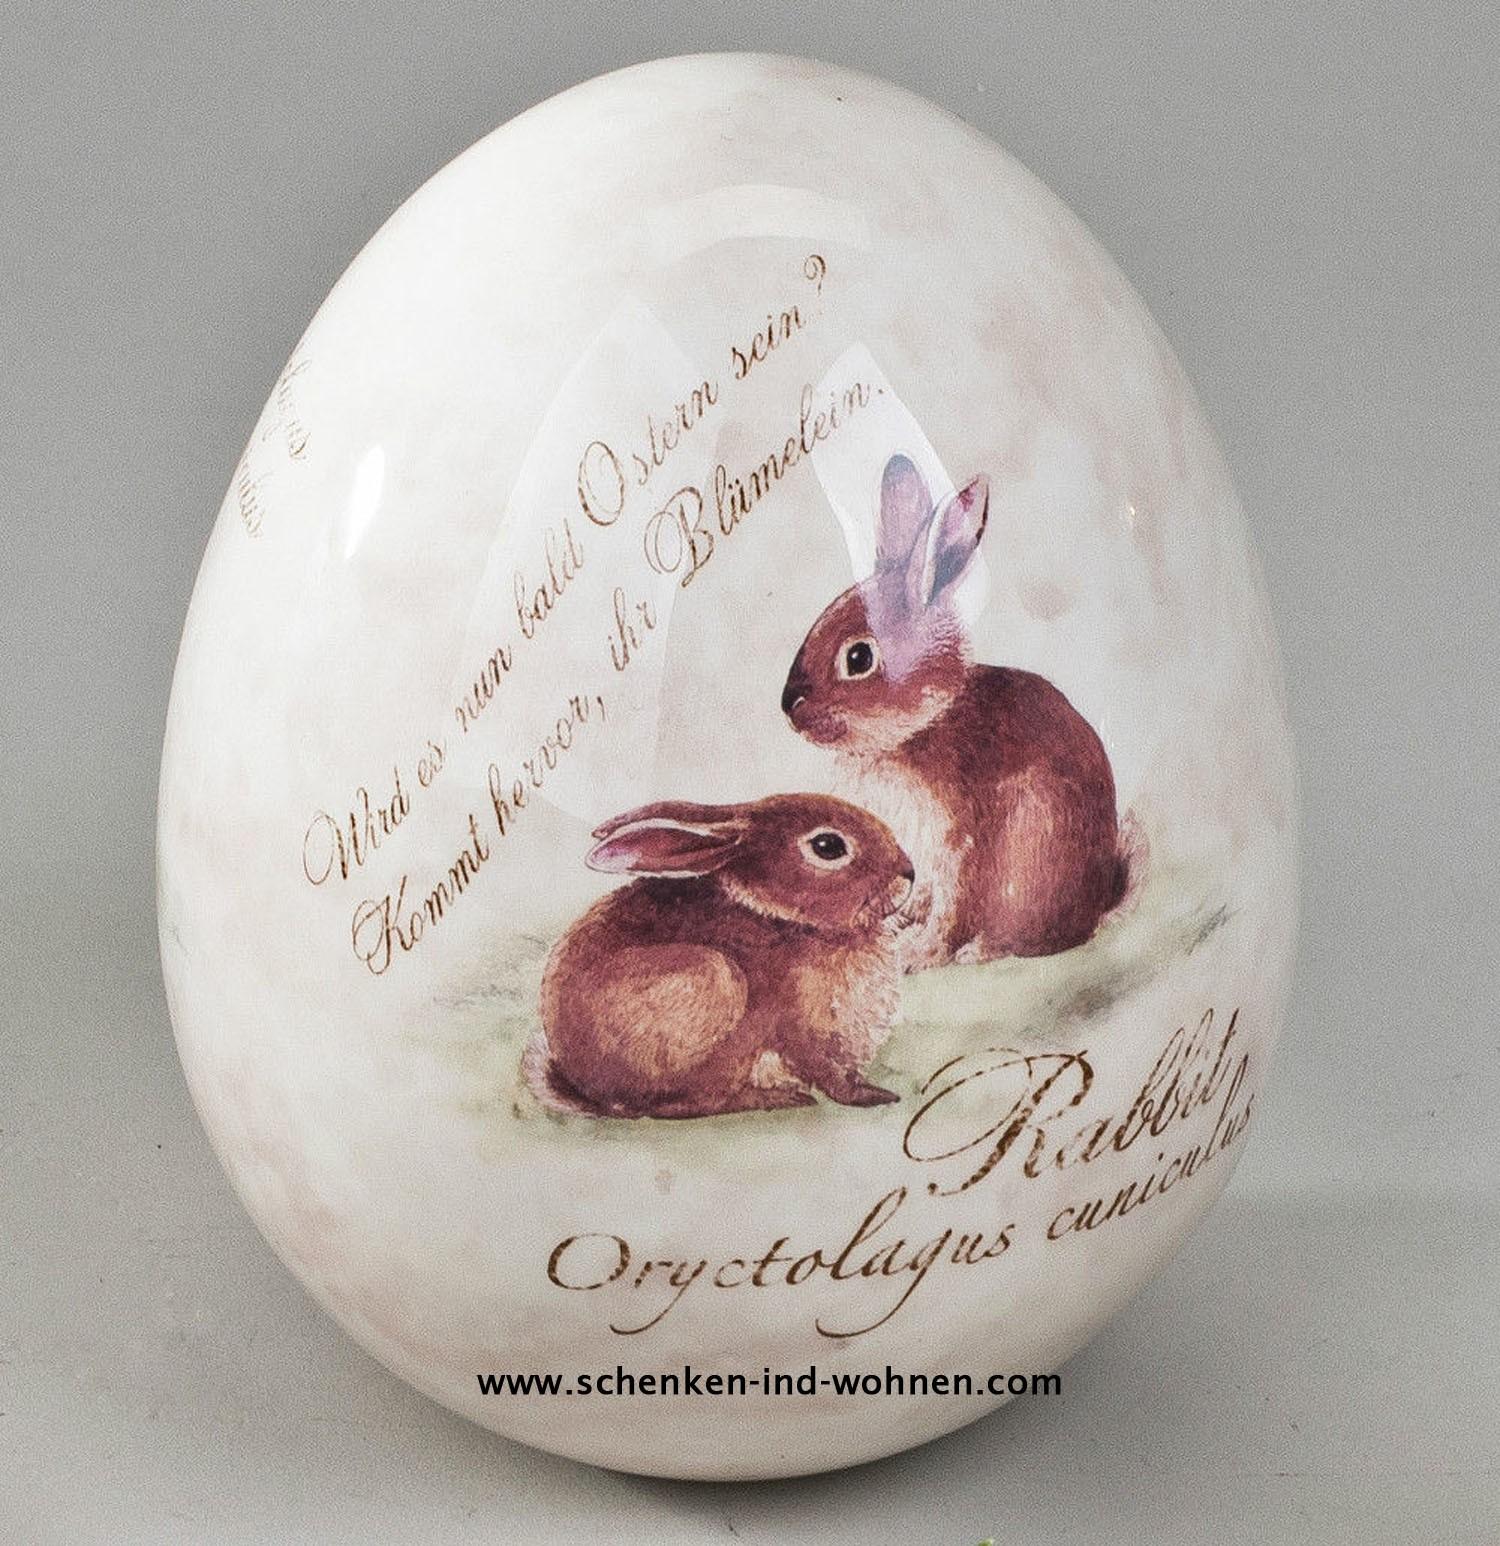 Formano 784421 Deko-Ei stehend 10 cm Frohe Ostern aus feinem, glasiertem Steingut gefertigt